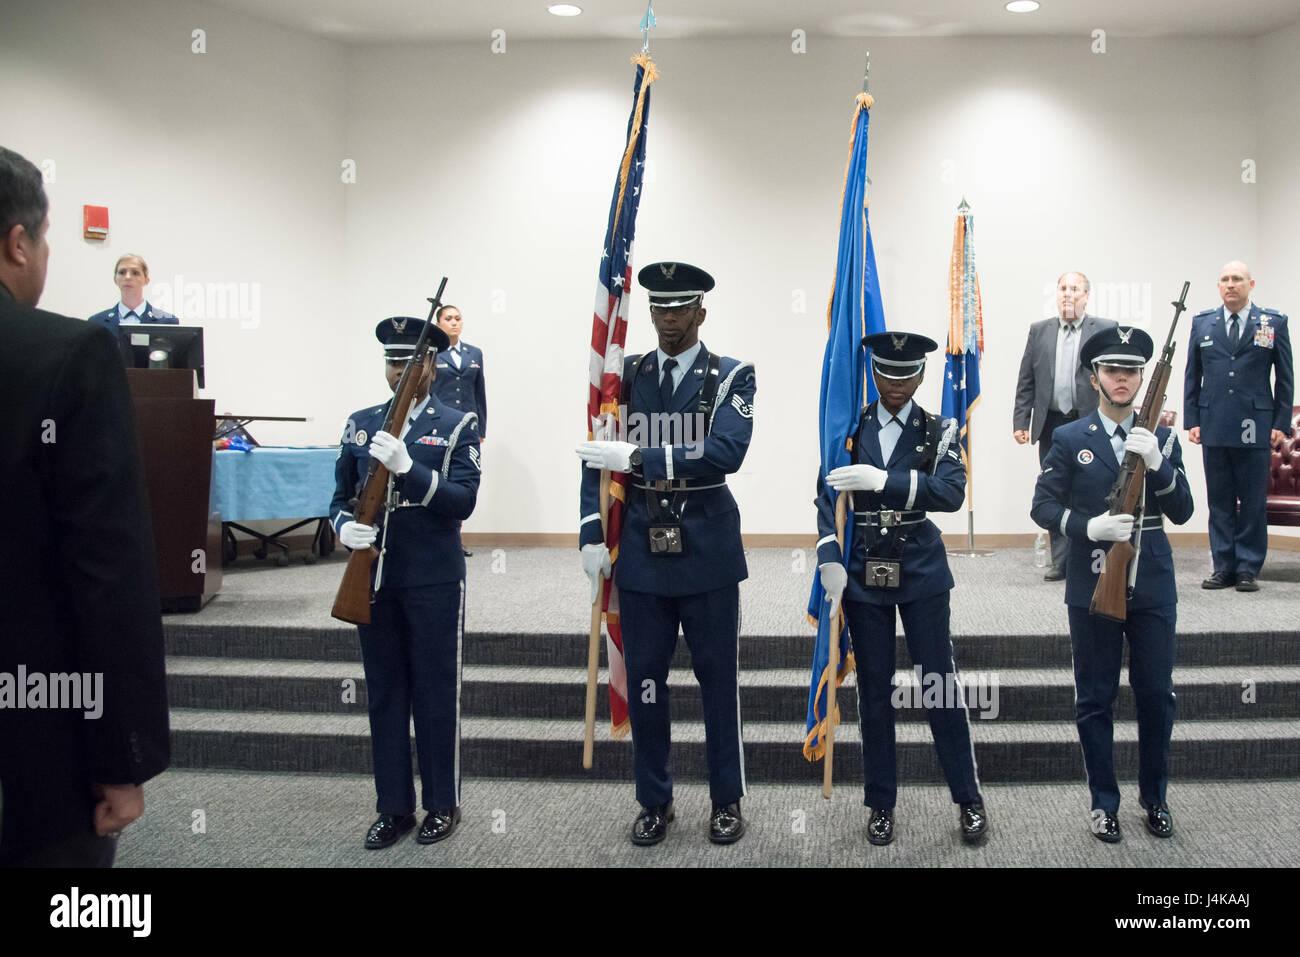 Keesler Air Force Base Honor Guard members present the